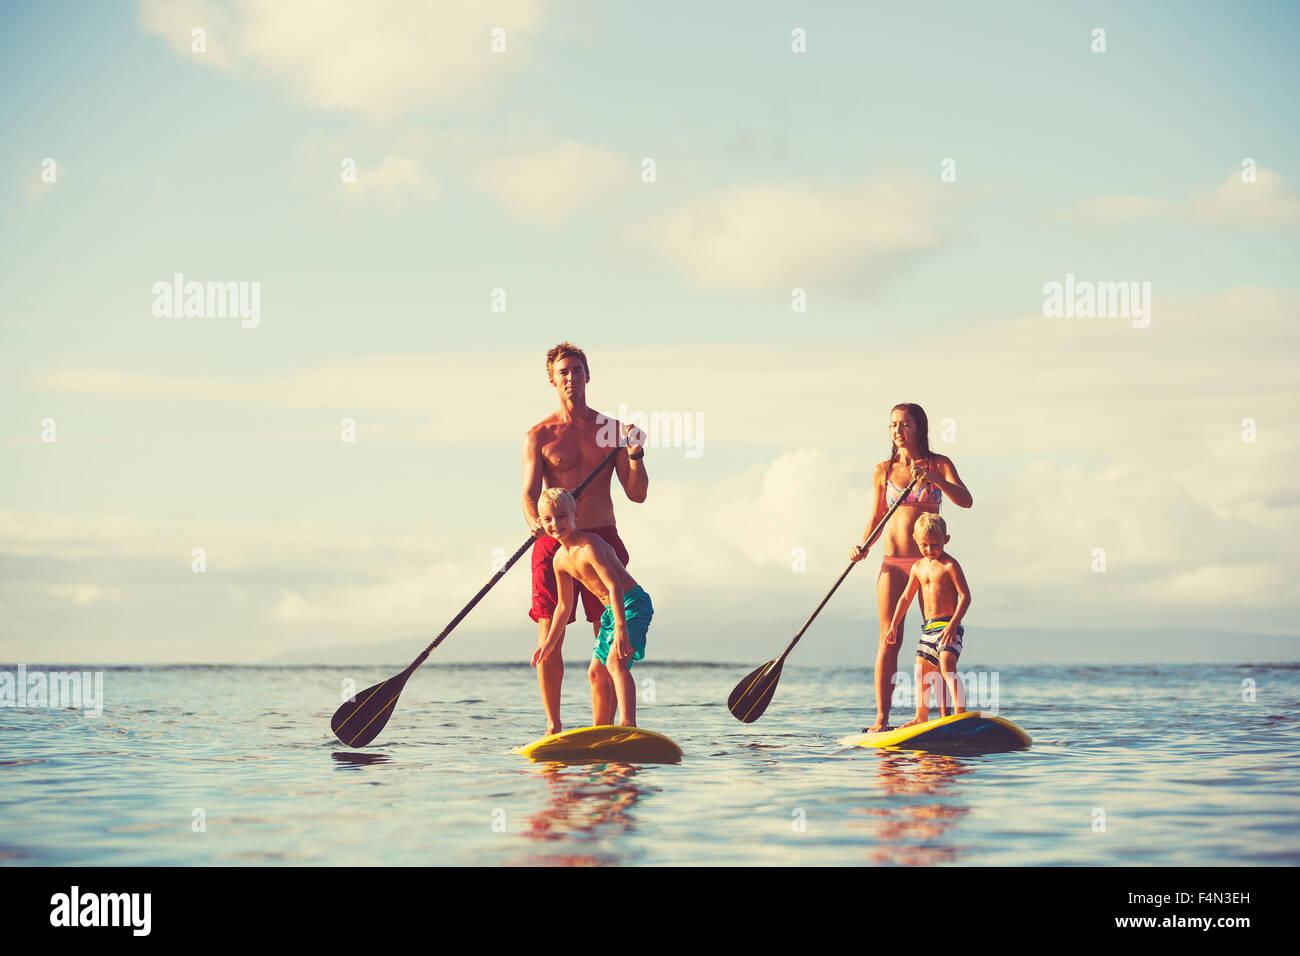 Famiglia stand up paddling presso sunrise, estate divertimento outdoor lifestyle Immagini Stock